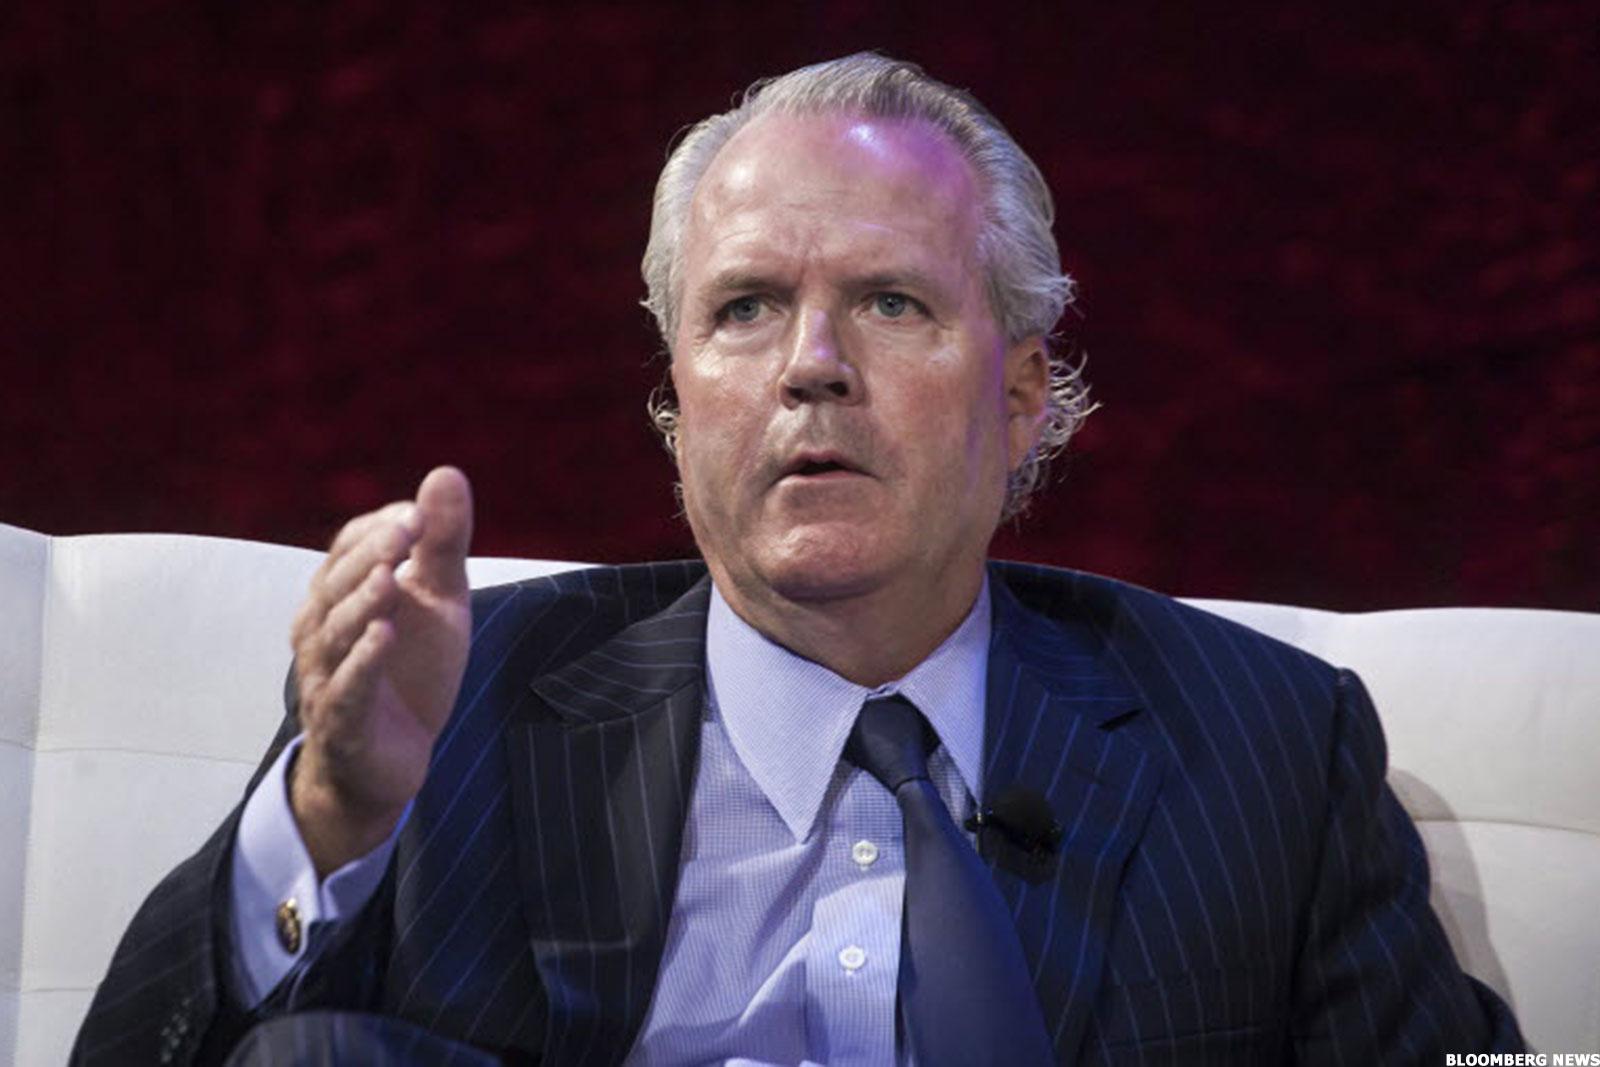 JPMorgan (JPM) Investment Banking Legend Jimmy Lee Dies at 62